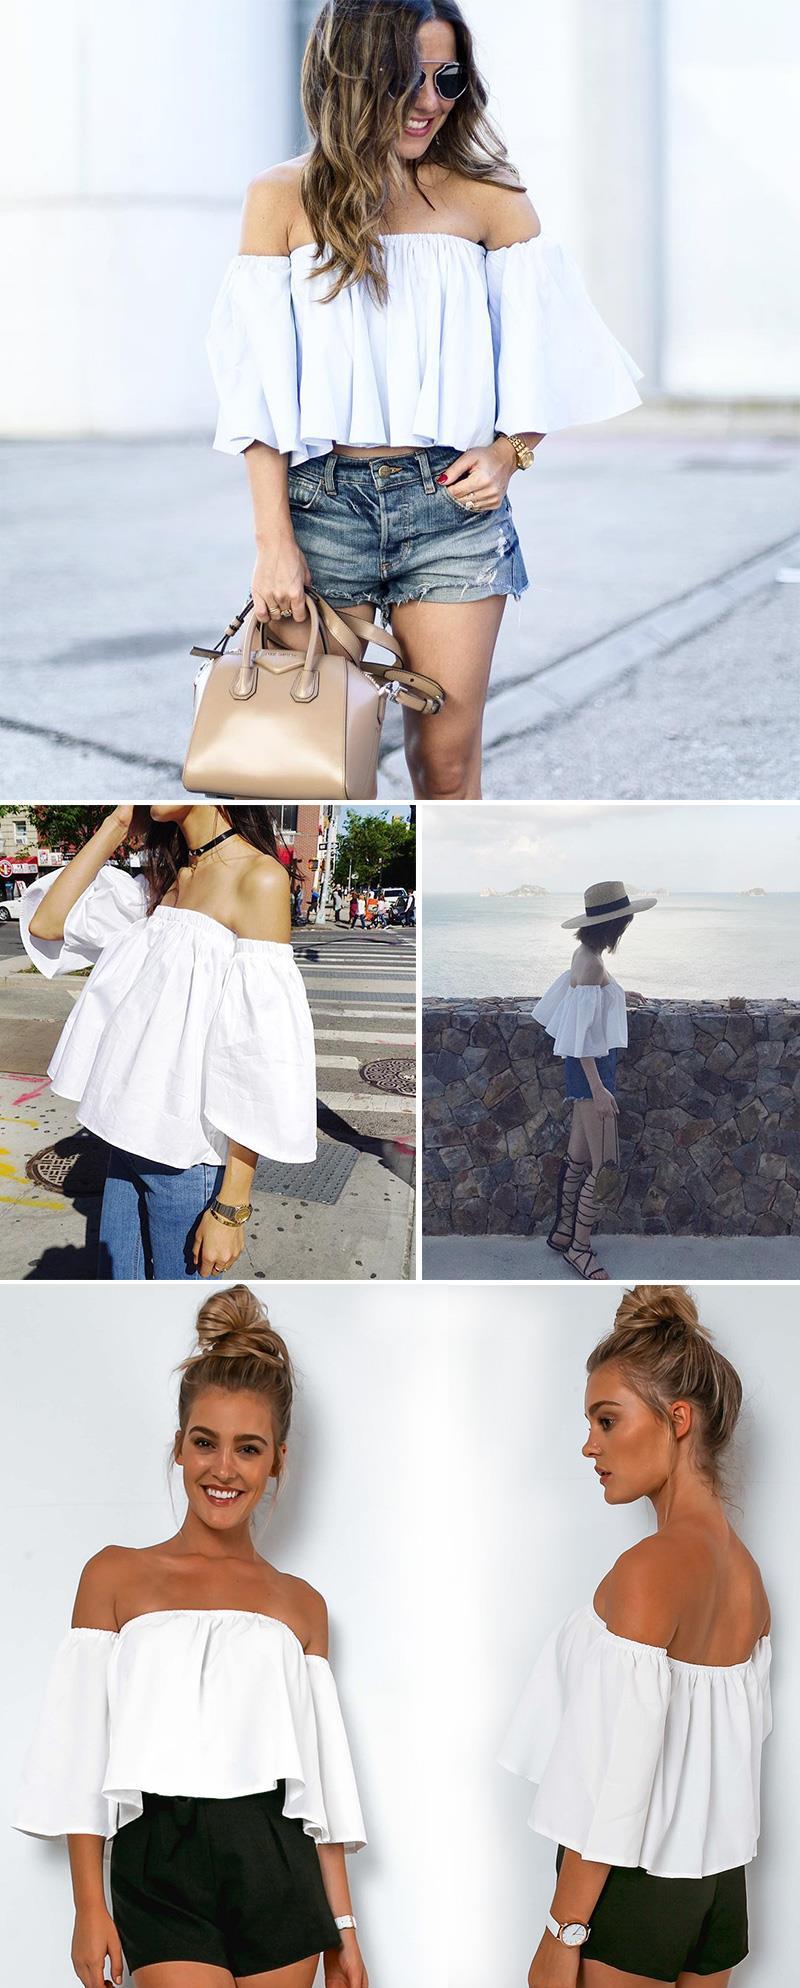 HTB1dW5GLVXXXXa.aXXXq6xXFXXXF - Sexy off shoulder white blouse women Ruffle PTC 95